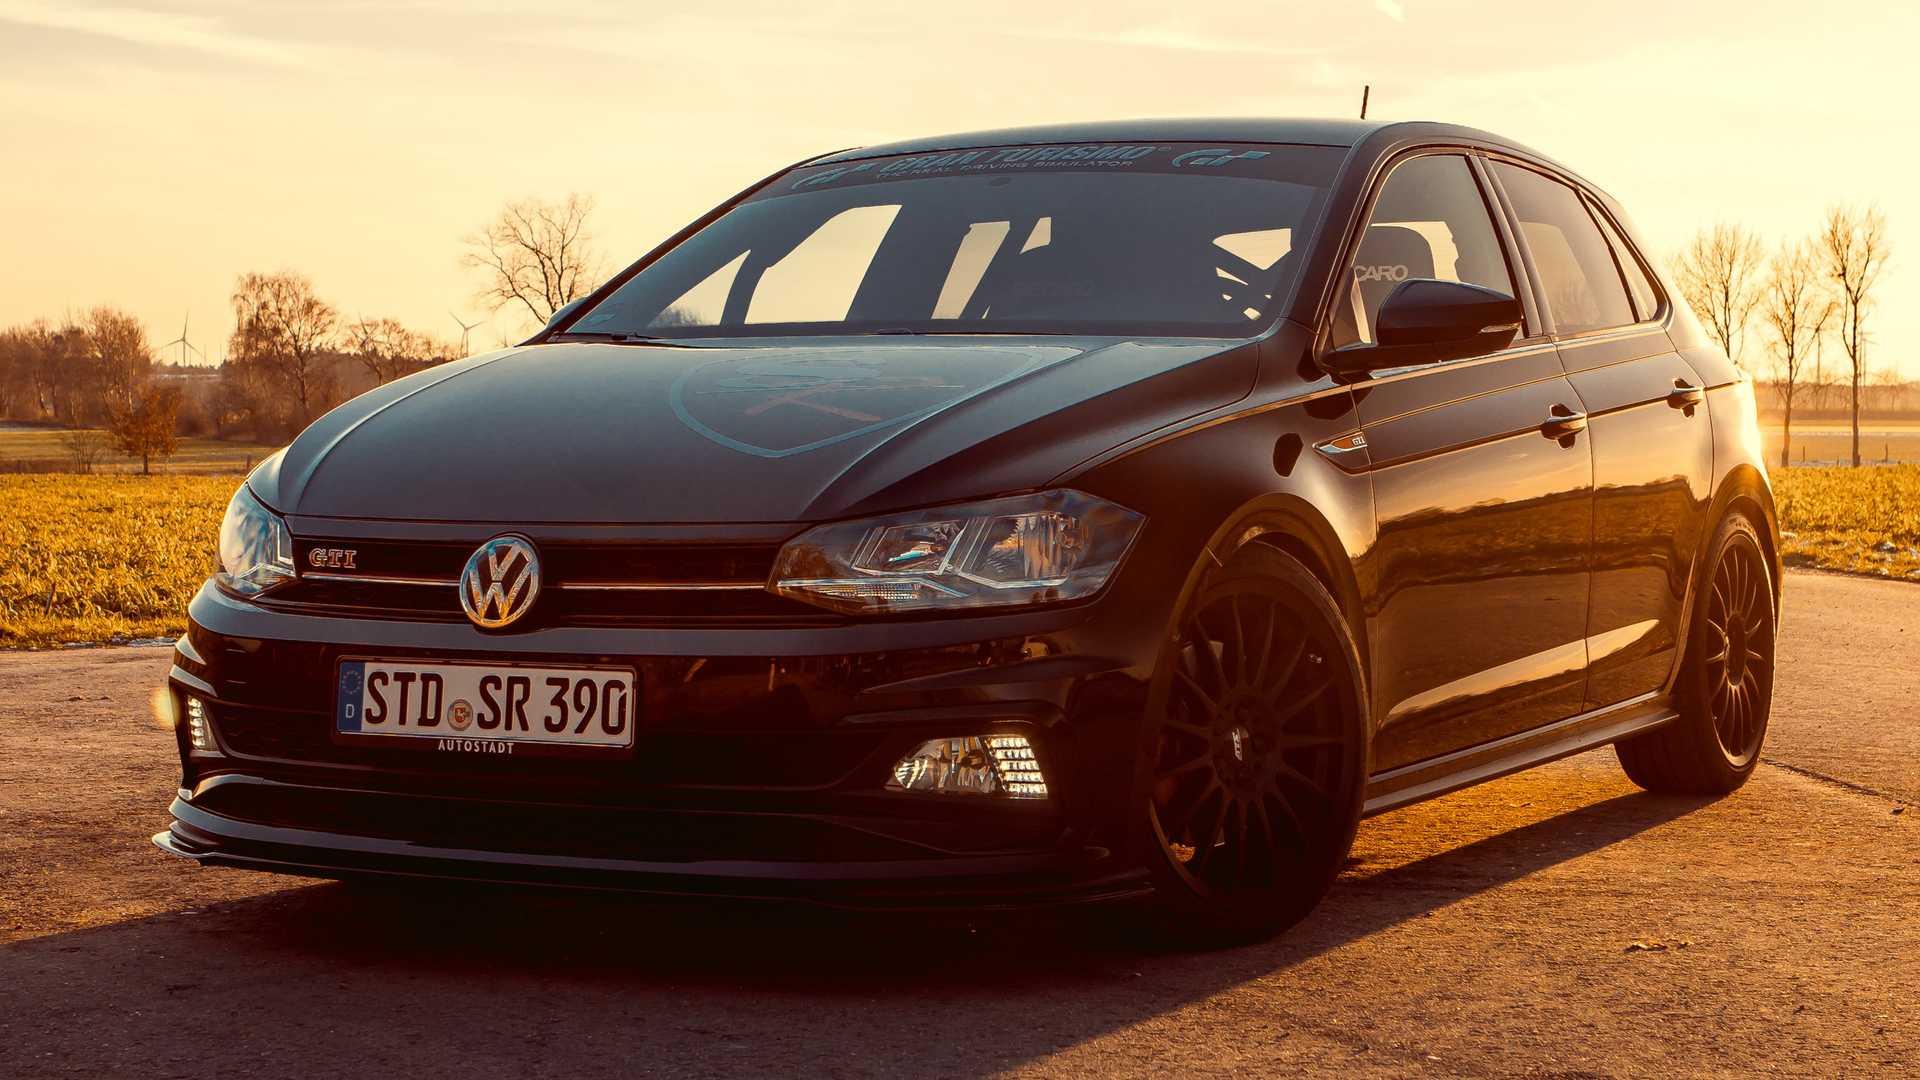 Volkswagen-Polo-GTI-by-Siemoneit-Racing-1